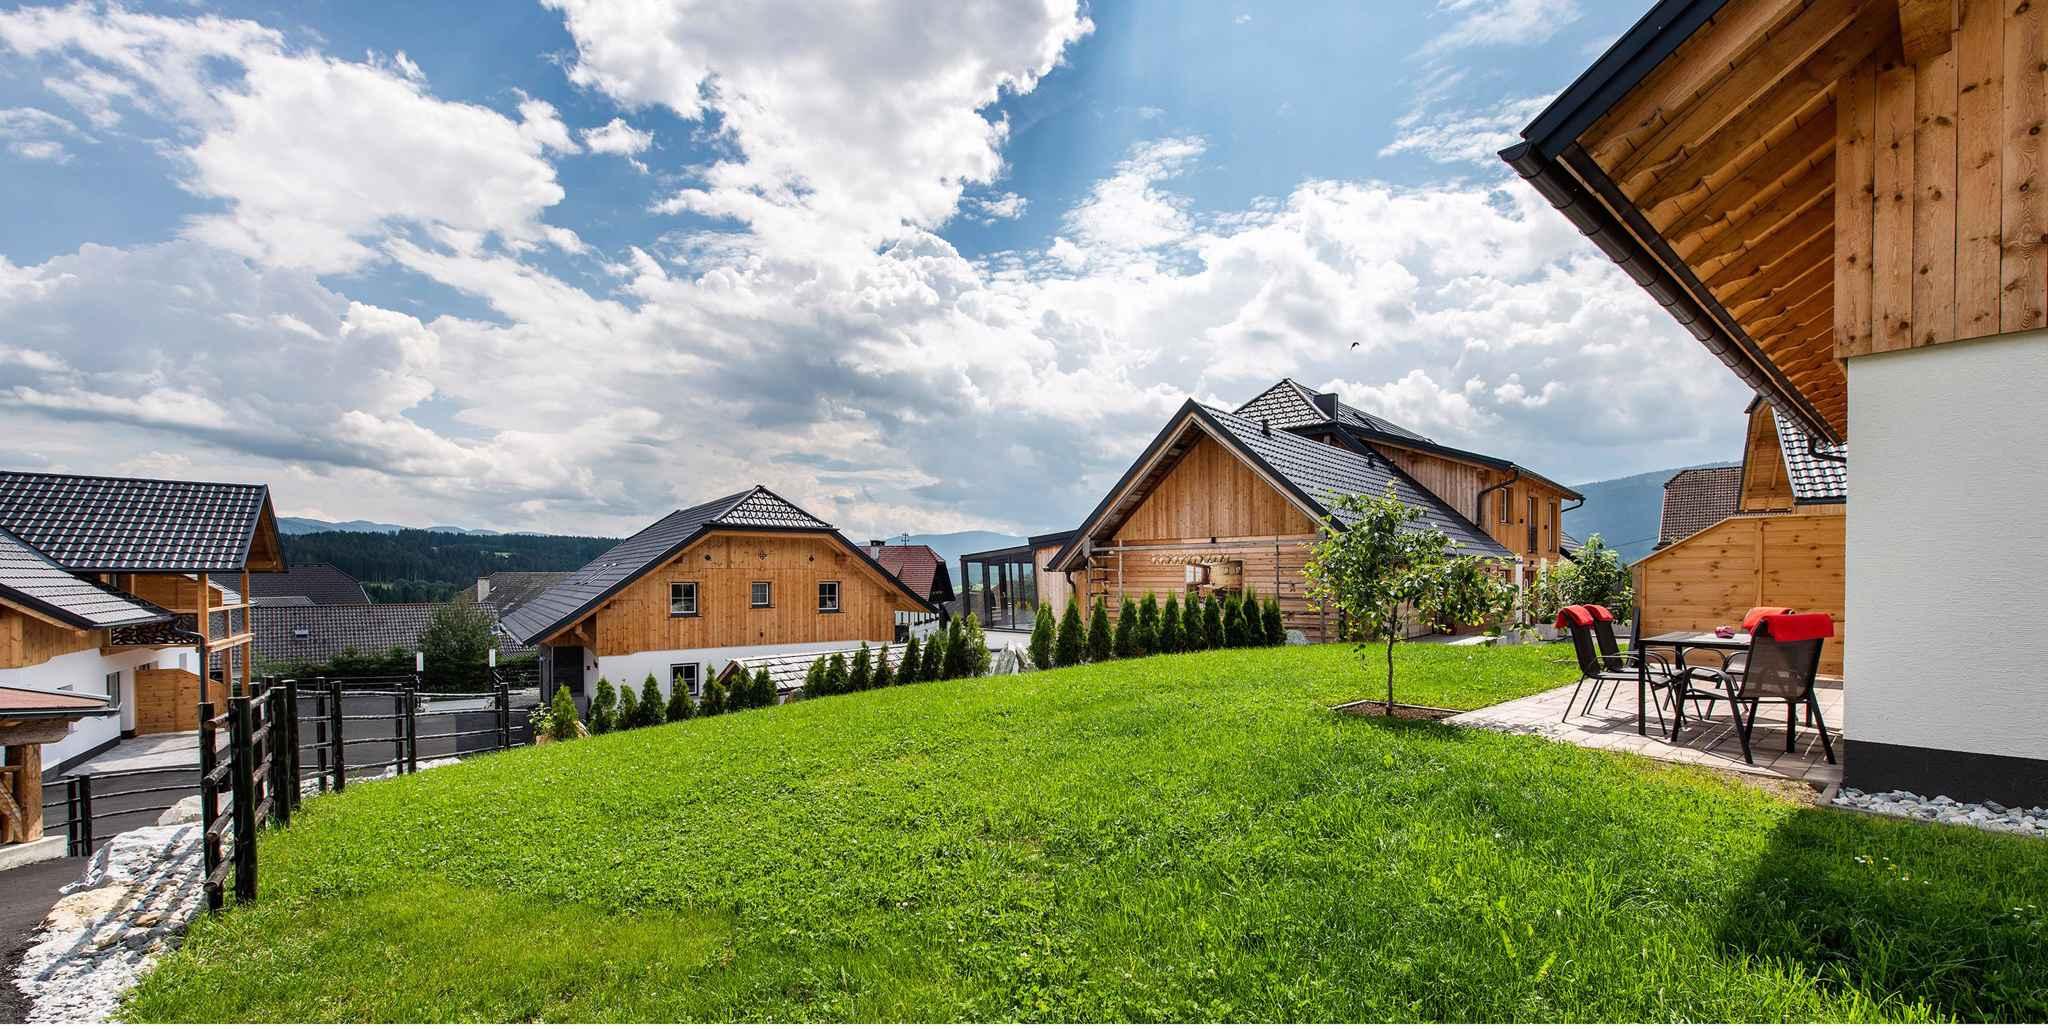 Ferienhaus im Feriendorf Edelweiss (2916176), Mariapfarr, Lungau, Salzburg, Österreich, Bild 22